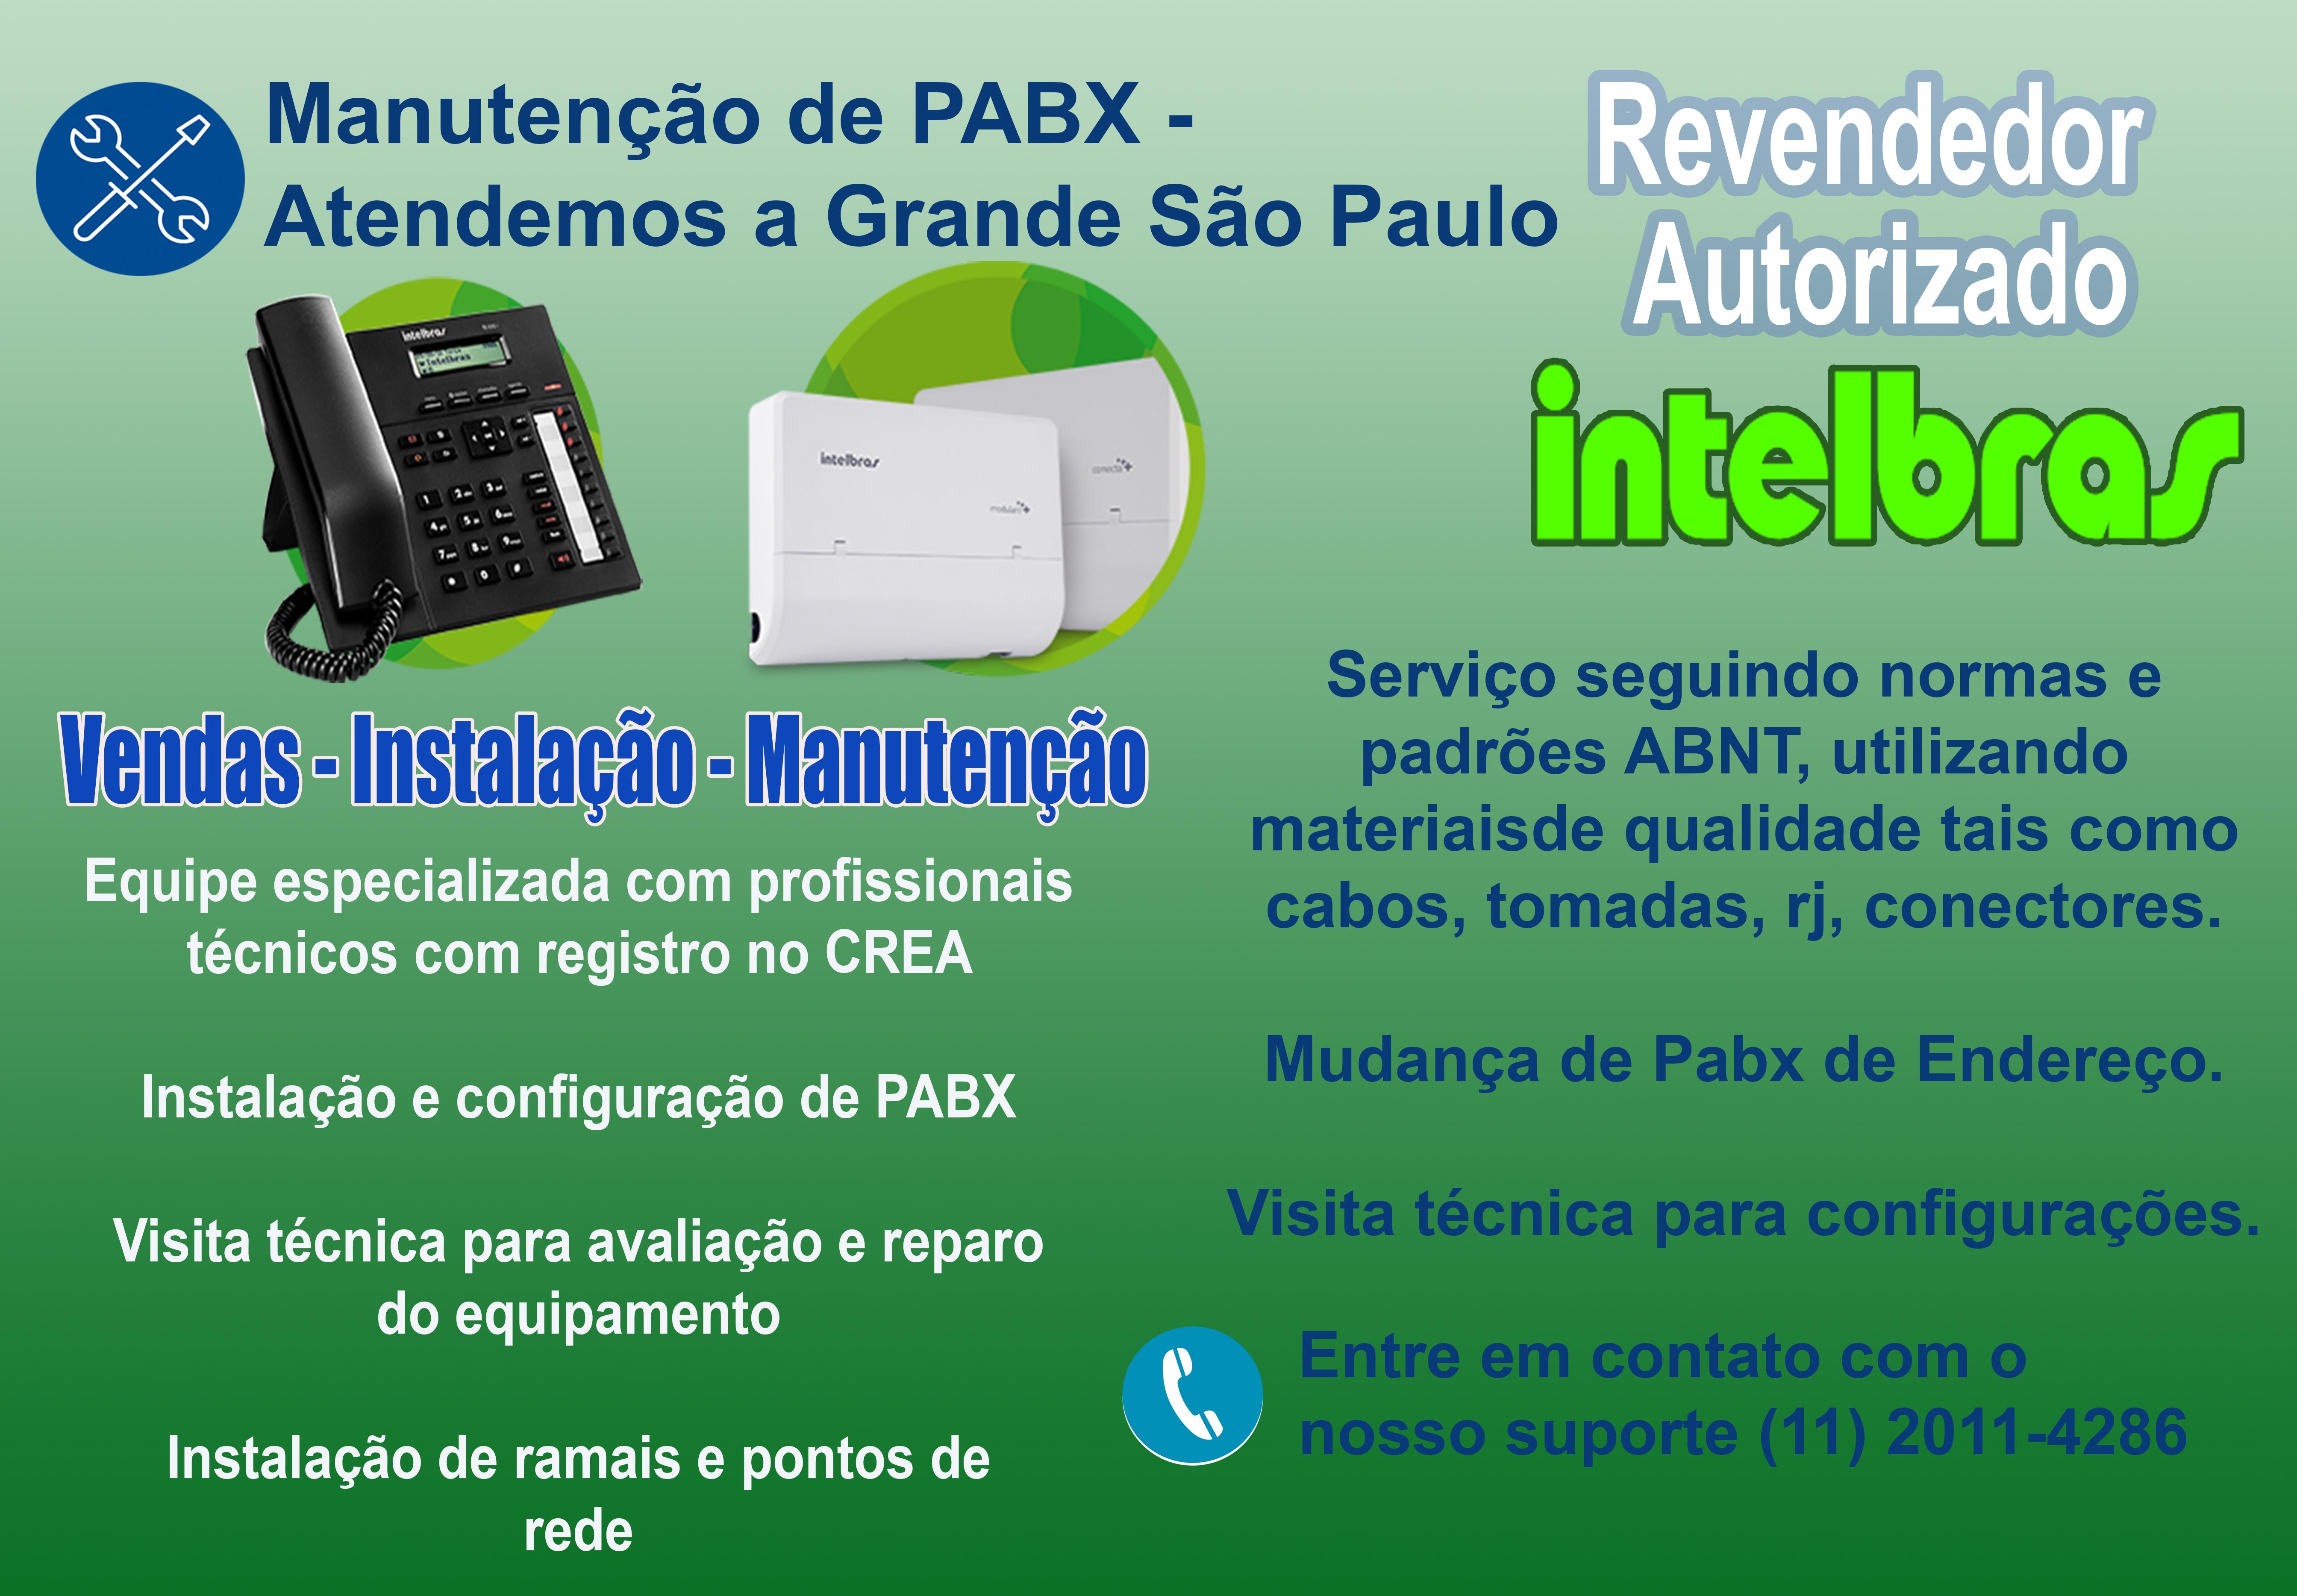 Manutenção de PABX em Emb